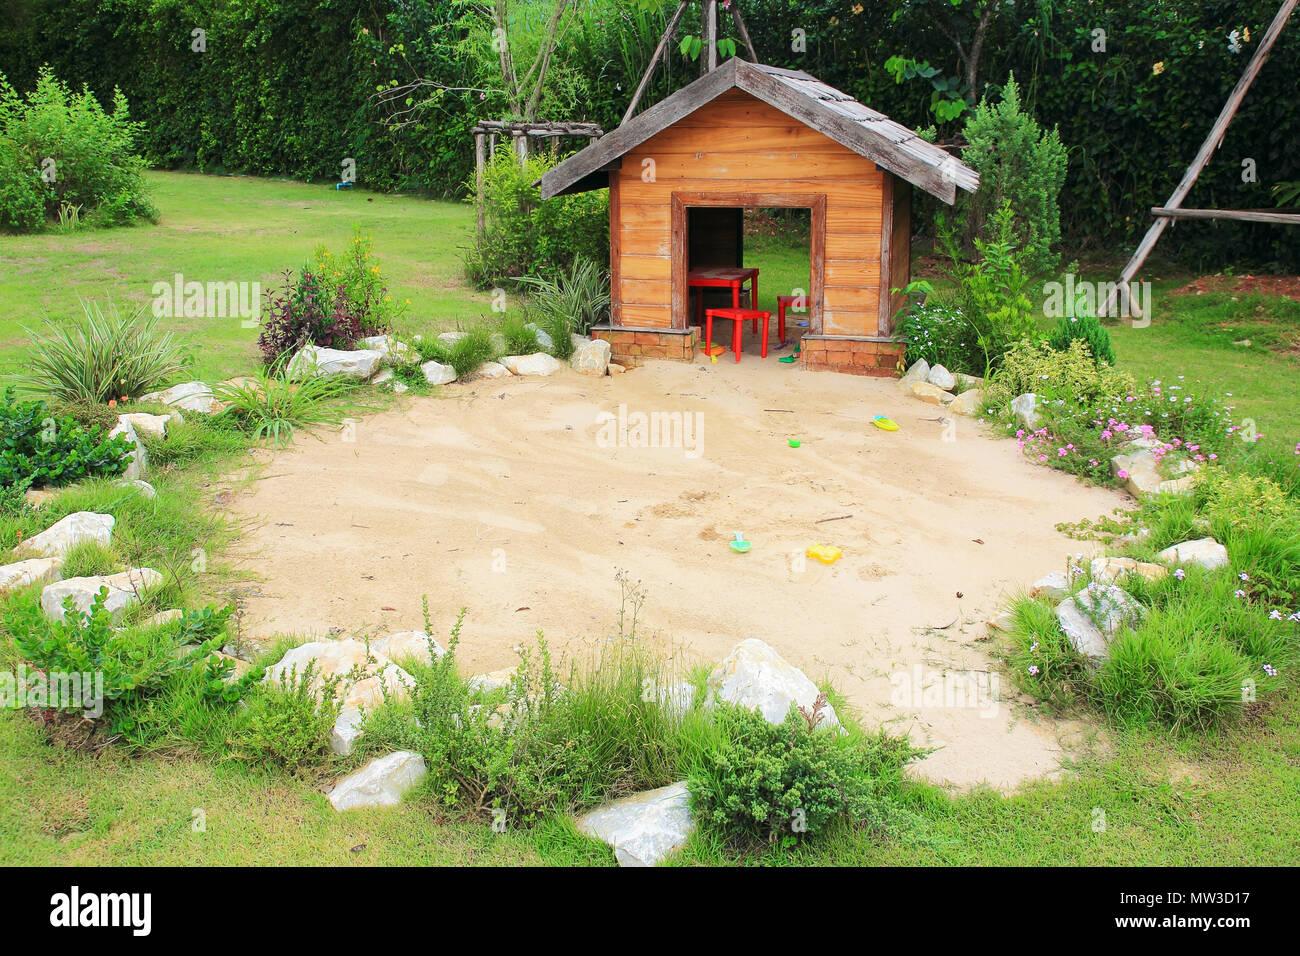 Gut bekannt Spielplatz Sandkasten im Außenbereich im Garten Stockfoto, Bild YO65